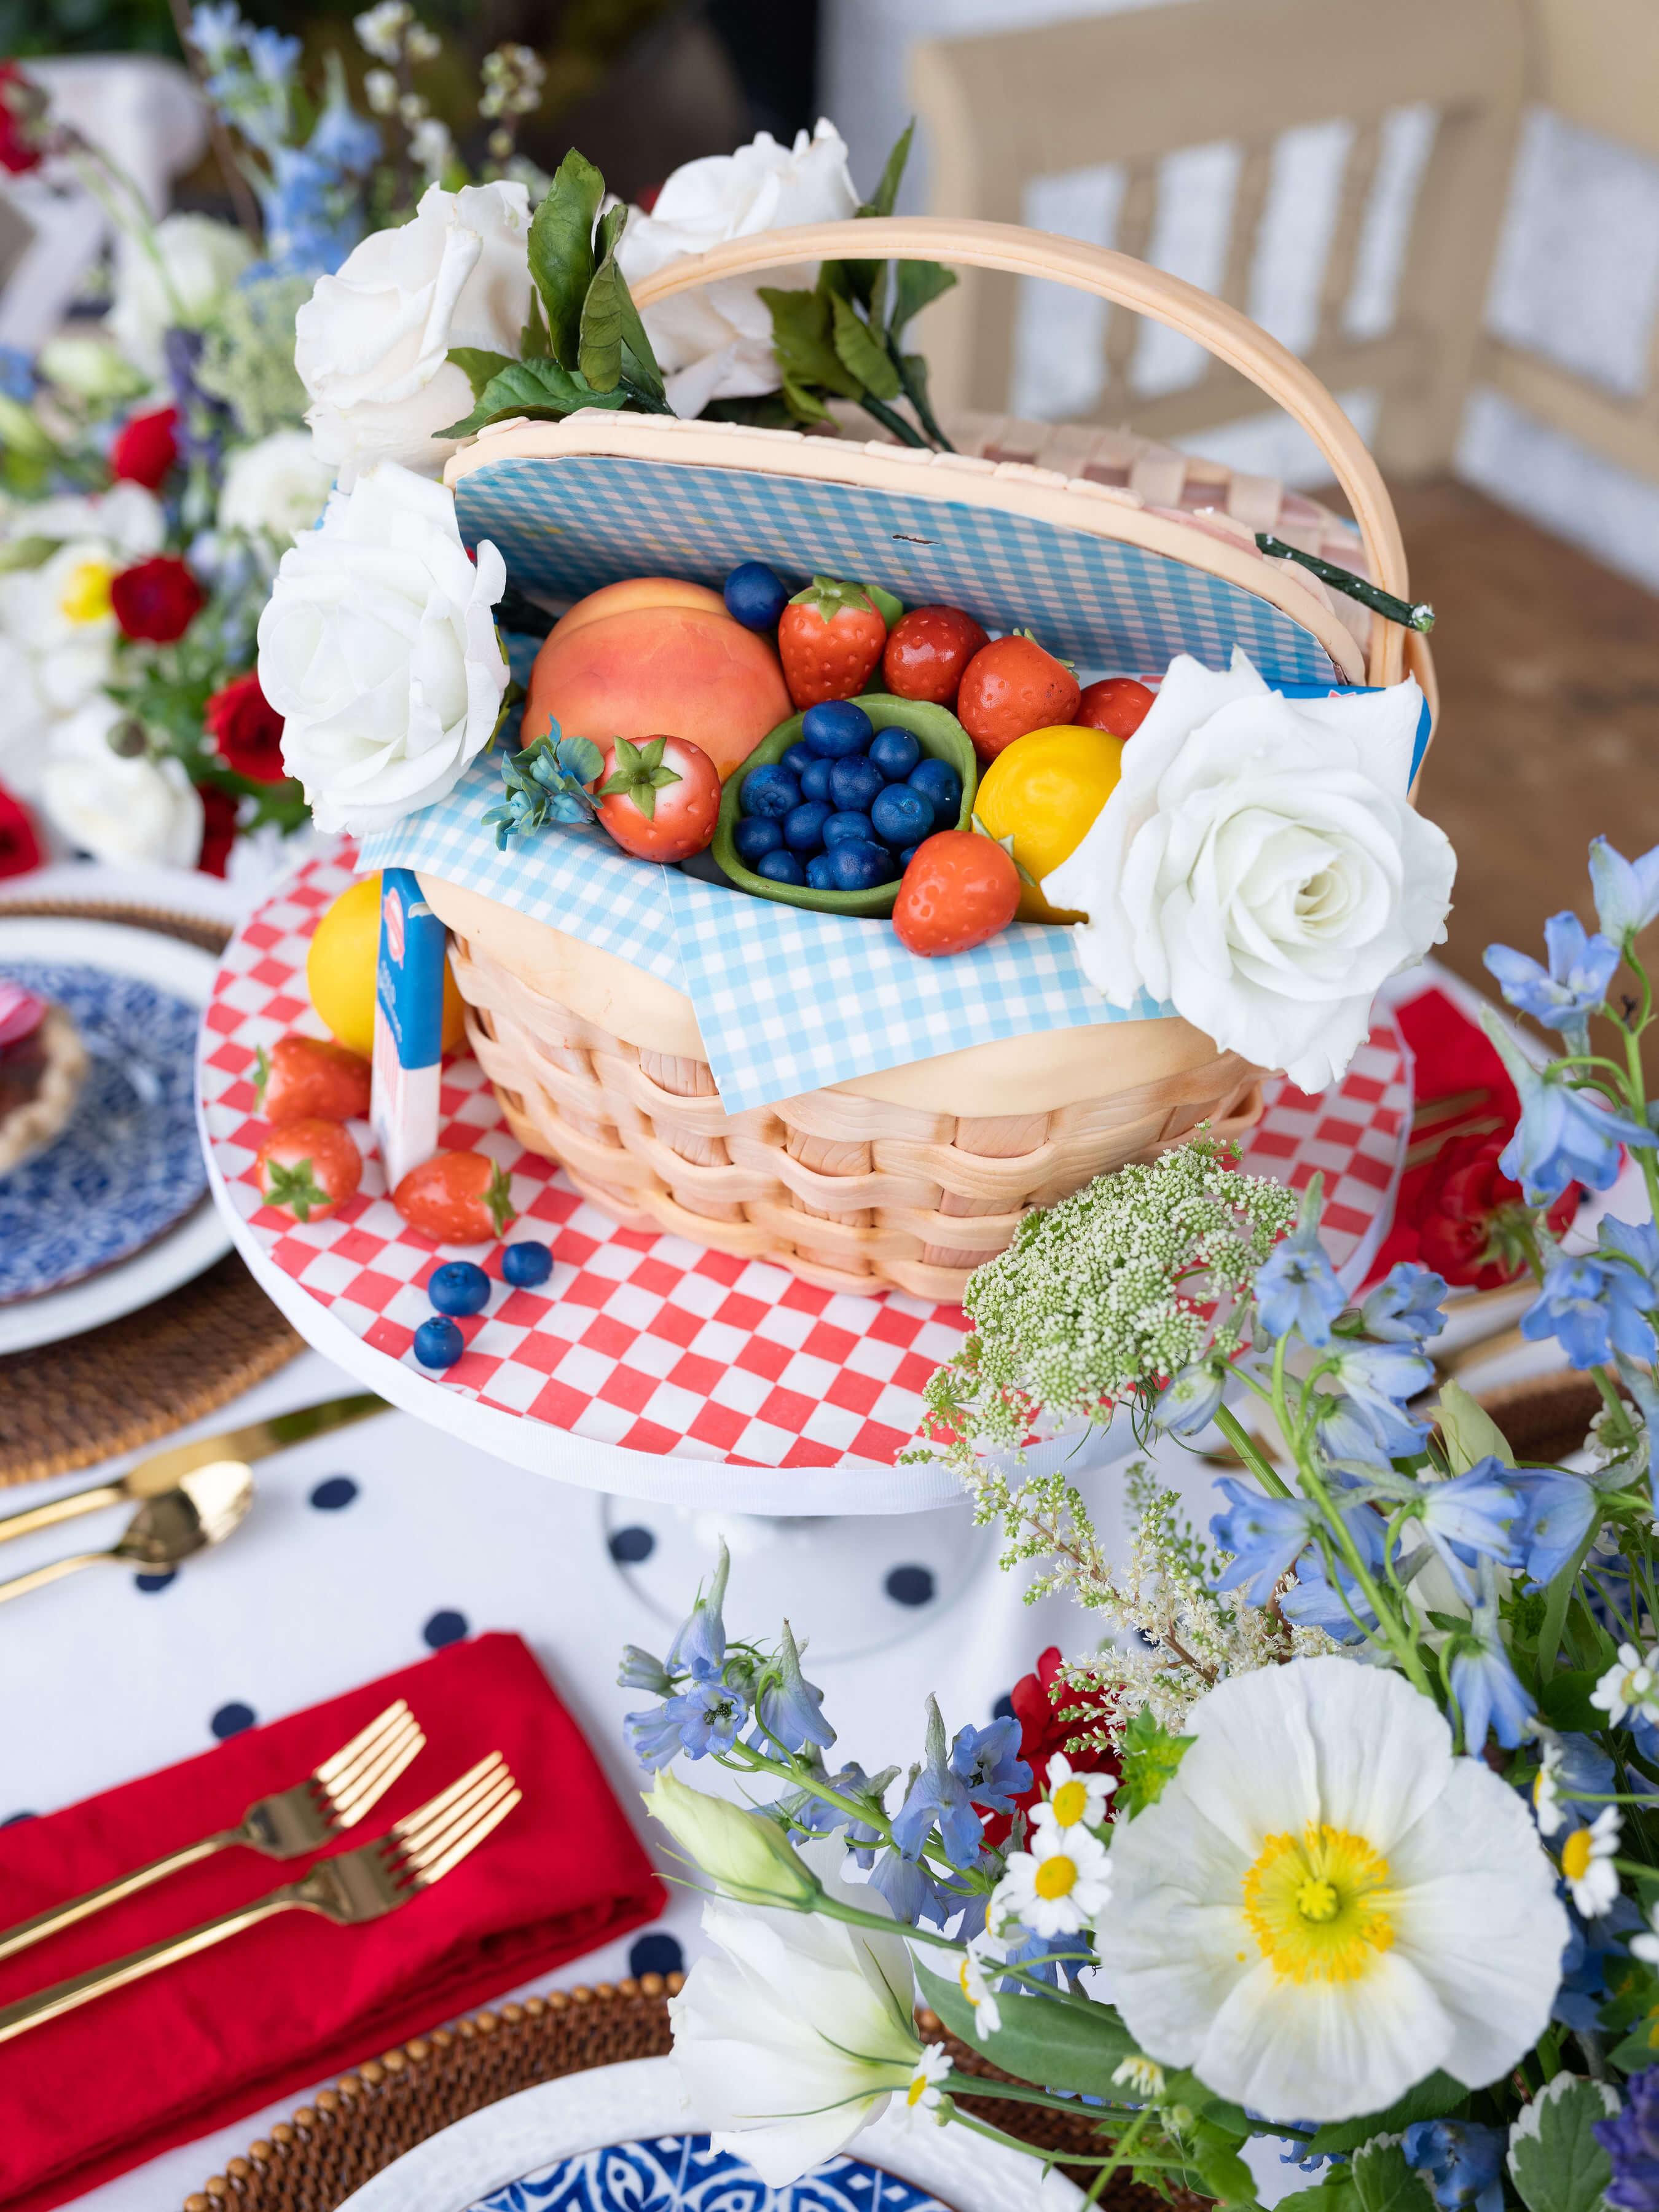 Picnic Basket Cake with Sugar Fruit